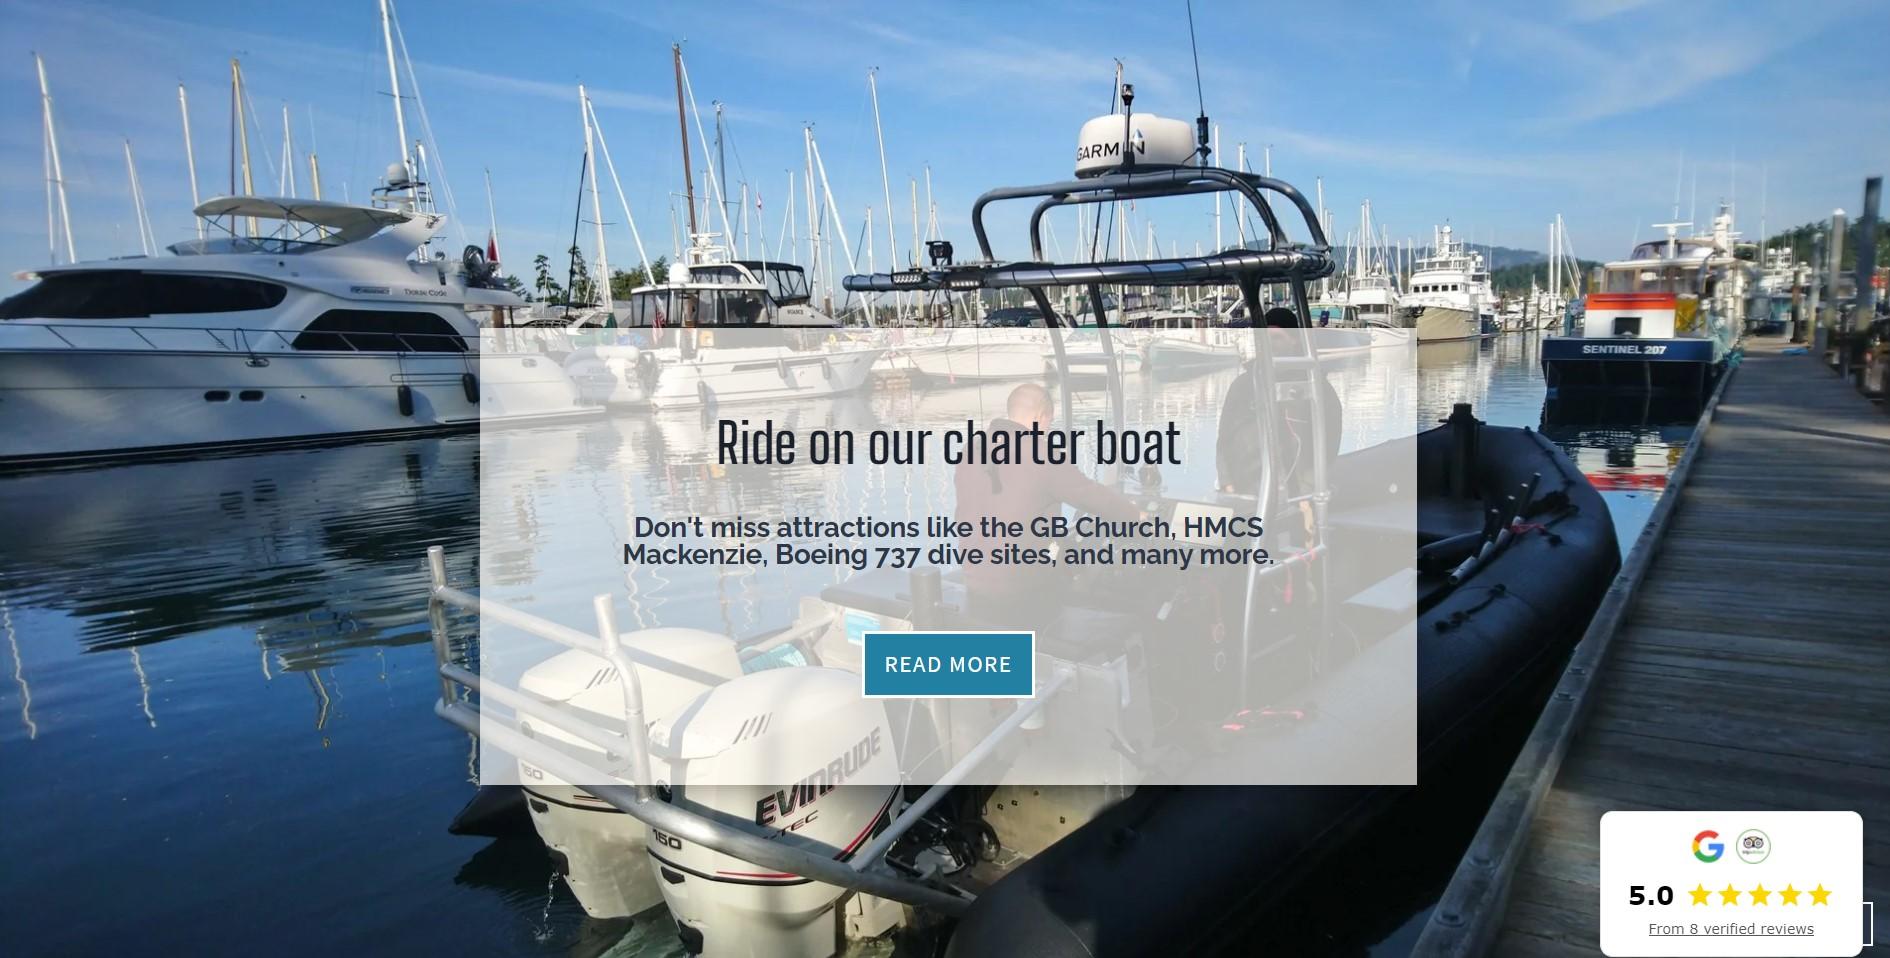 Charter boat landing